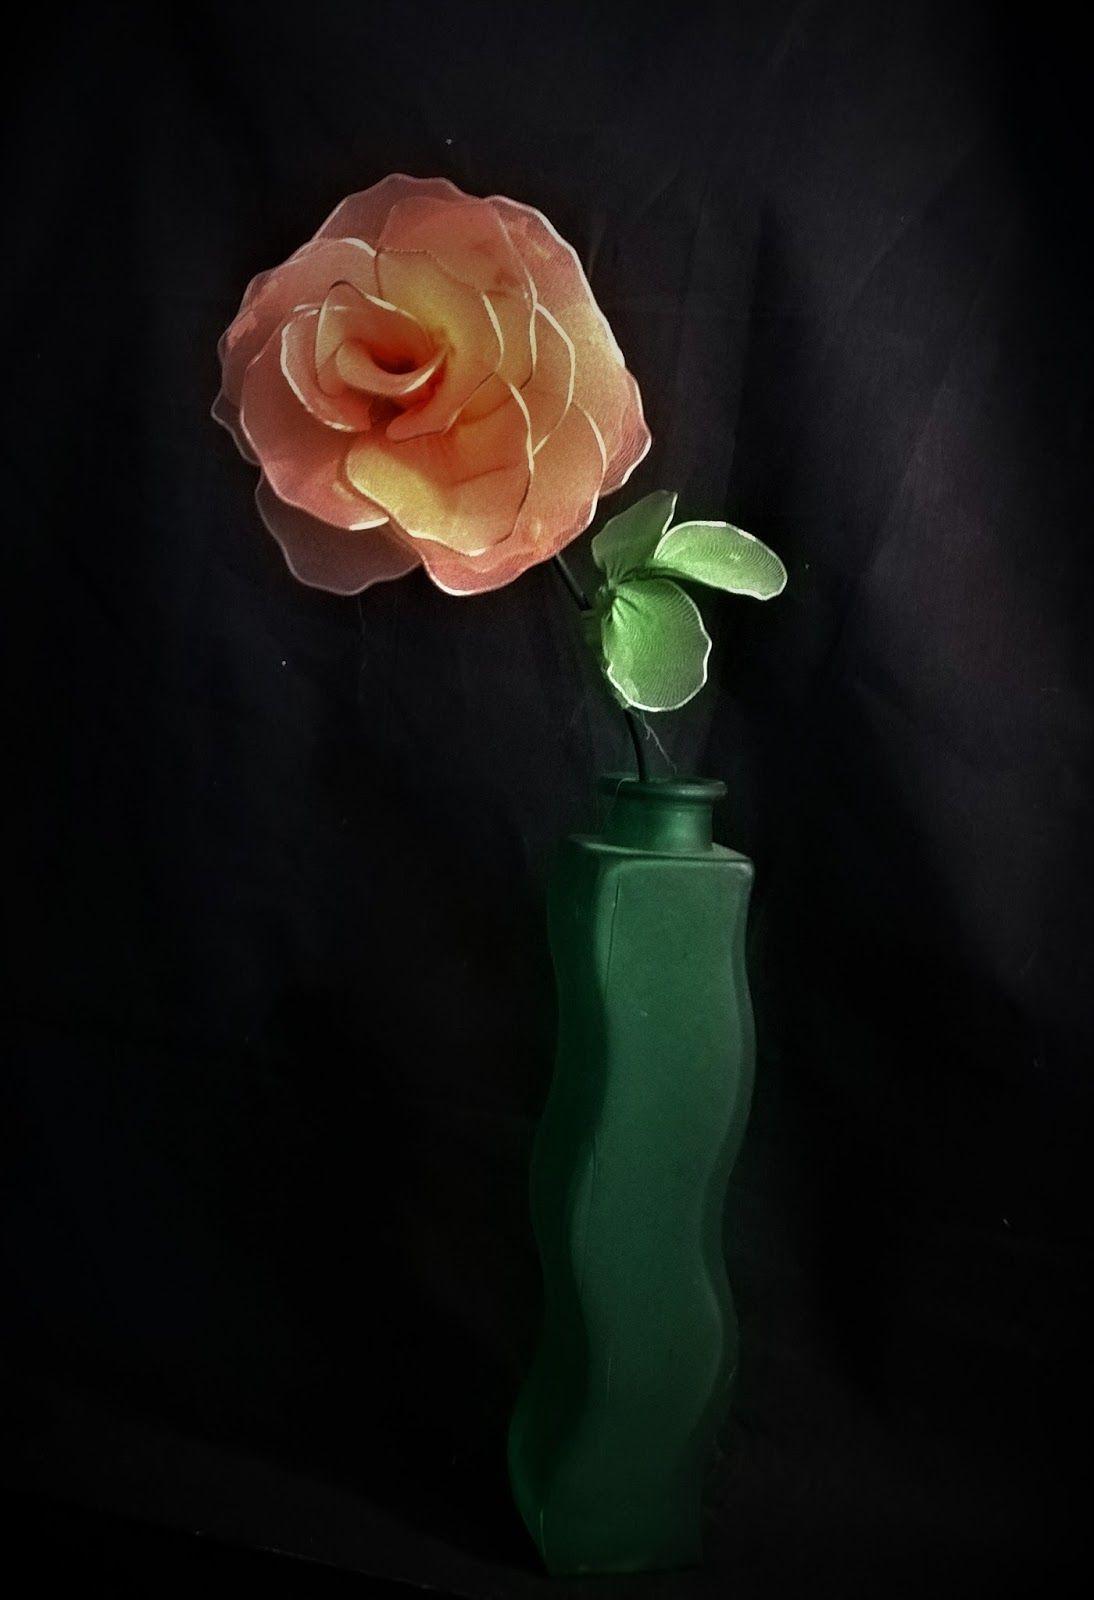 Joanna Wajdenfeld, ozdoby i dekoracje DiY, róża z rajstop, krok po kroku jak zrobić kwiat z drutu i starych rajstop lub pończoch, kwiatki z rajstop, nylonowe kwiaty, róża z nylonu, #rosa of nylon, #nylon flowers,